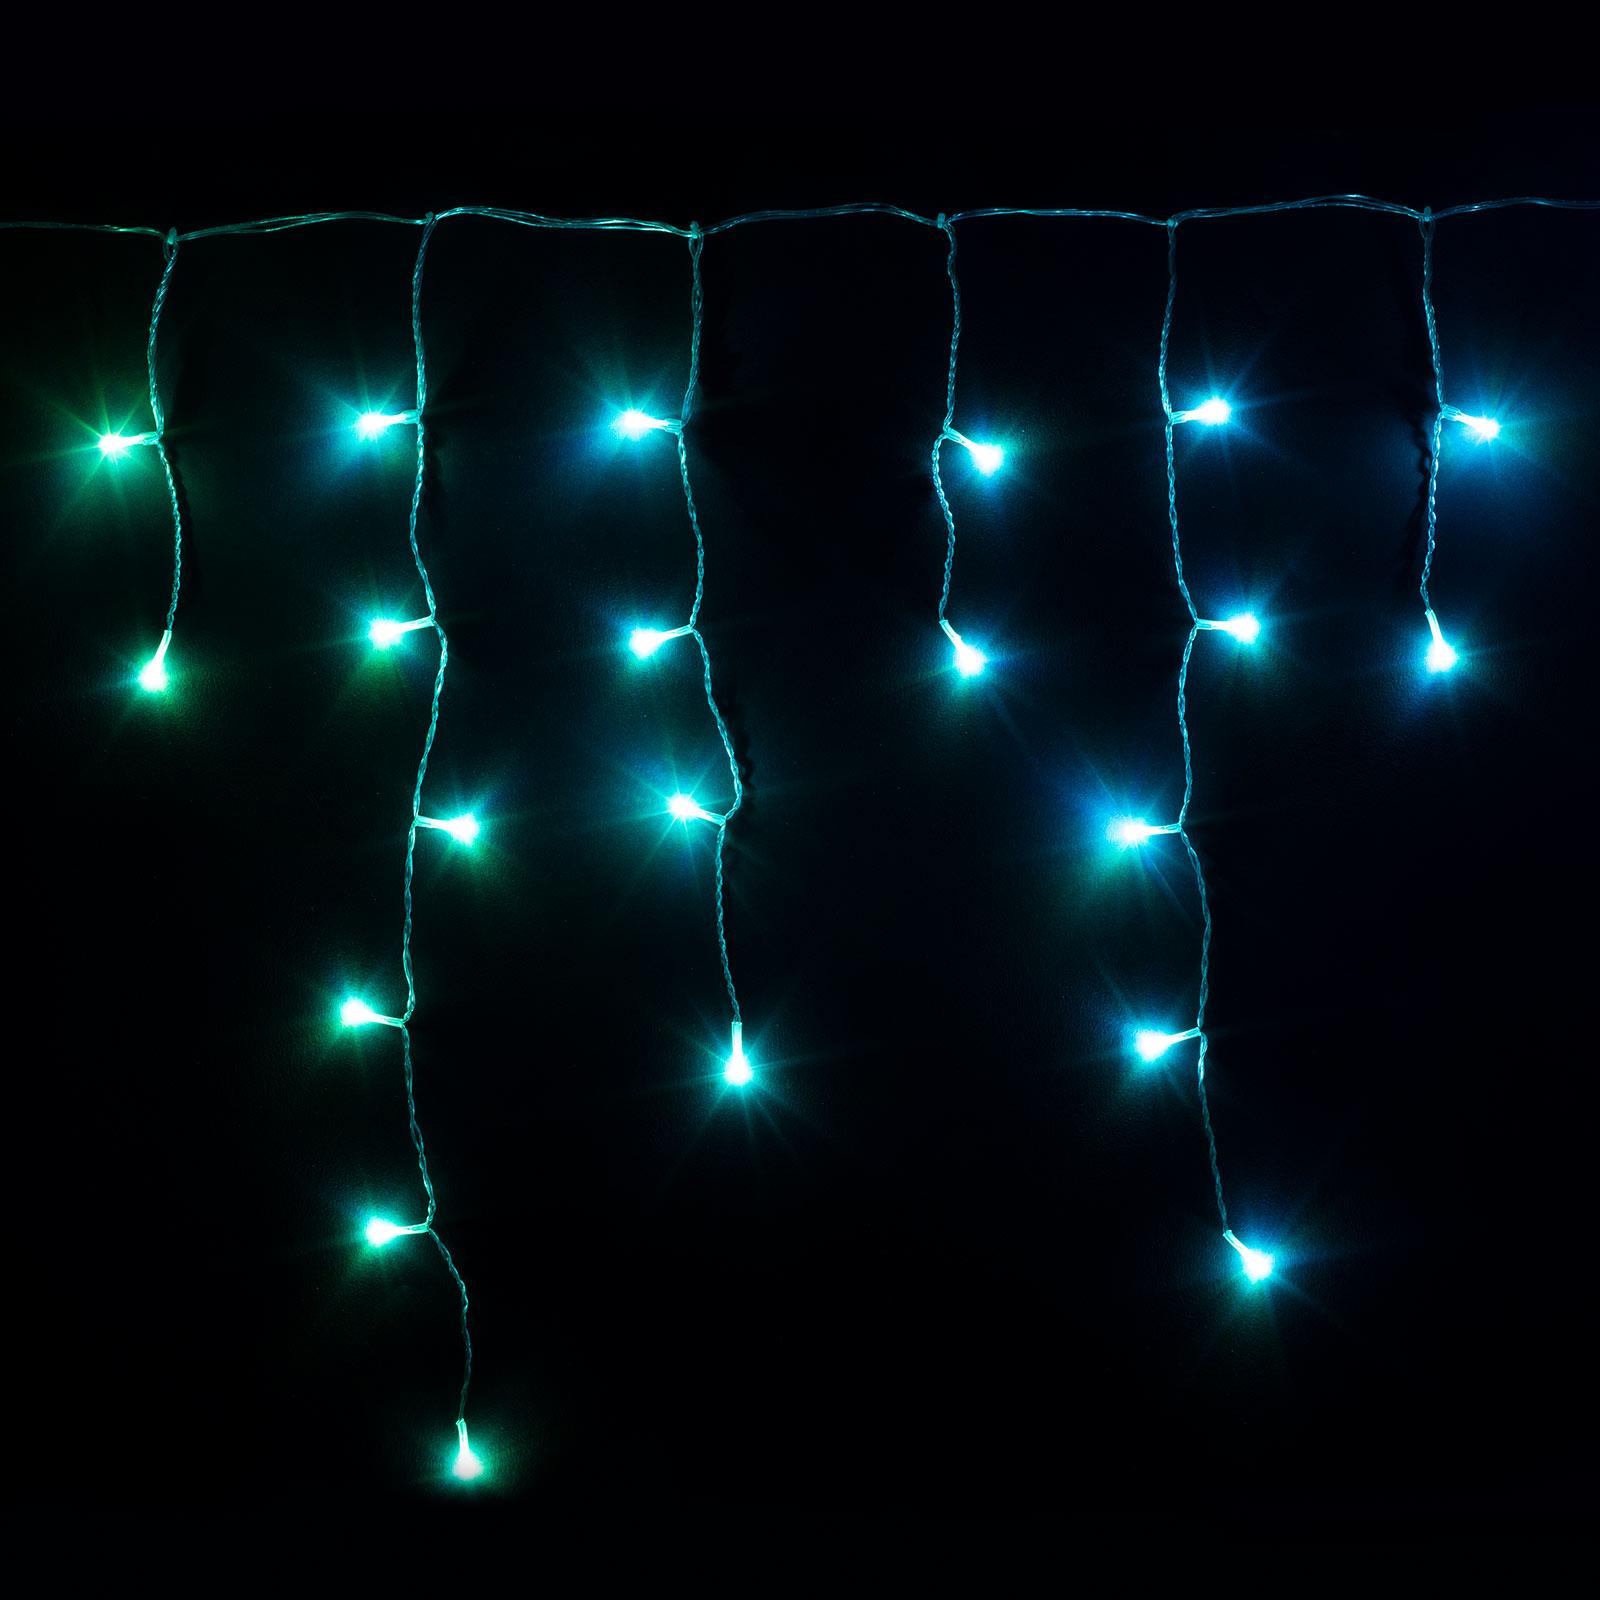 Smart LED-ljusgardin Twinkly för app, RGBW